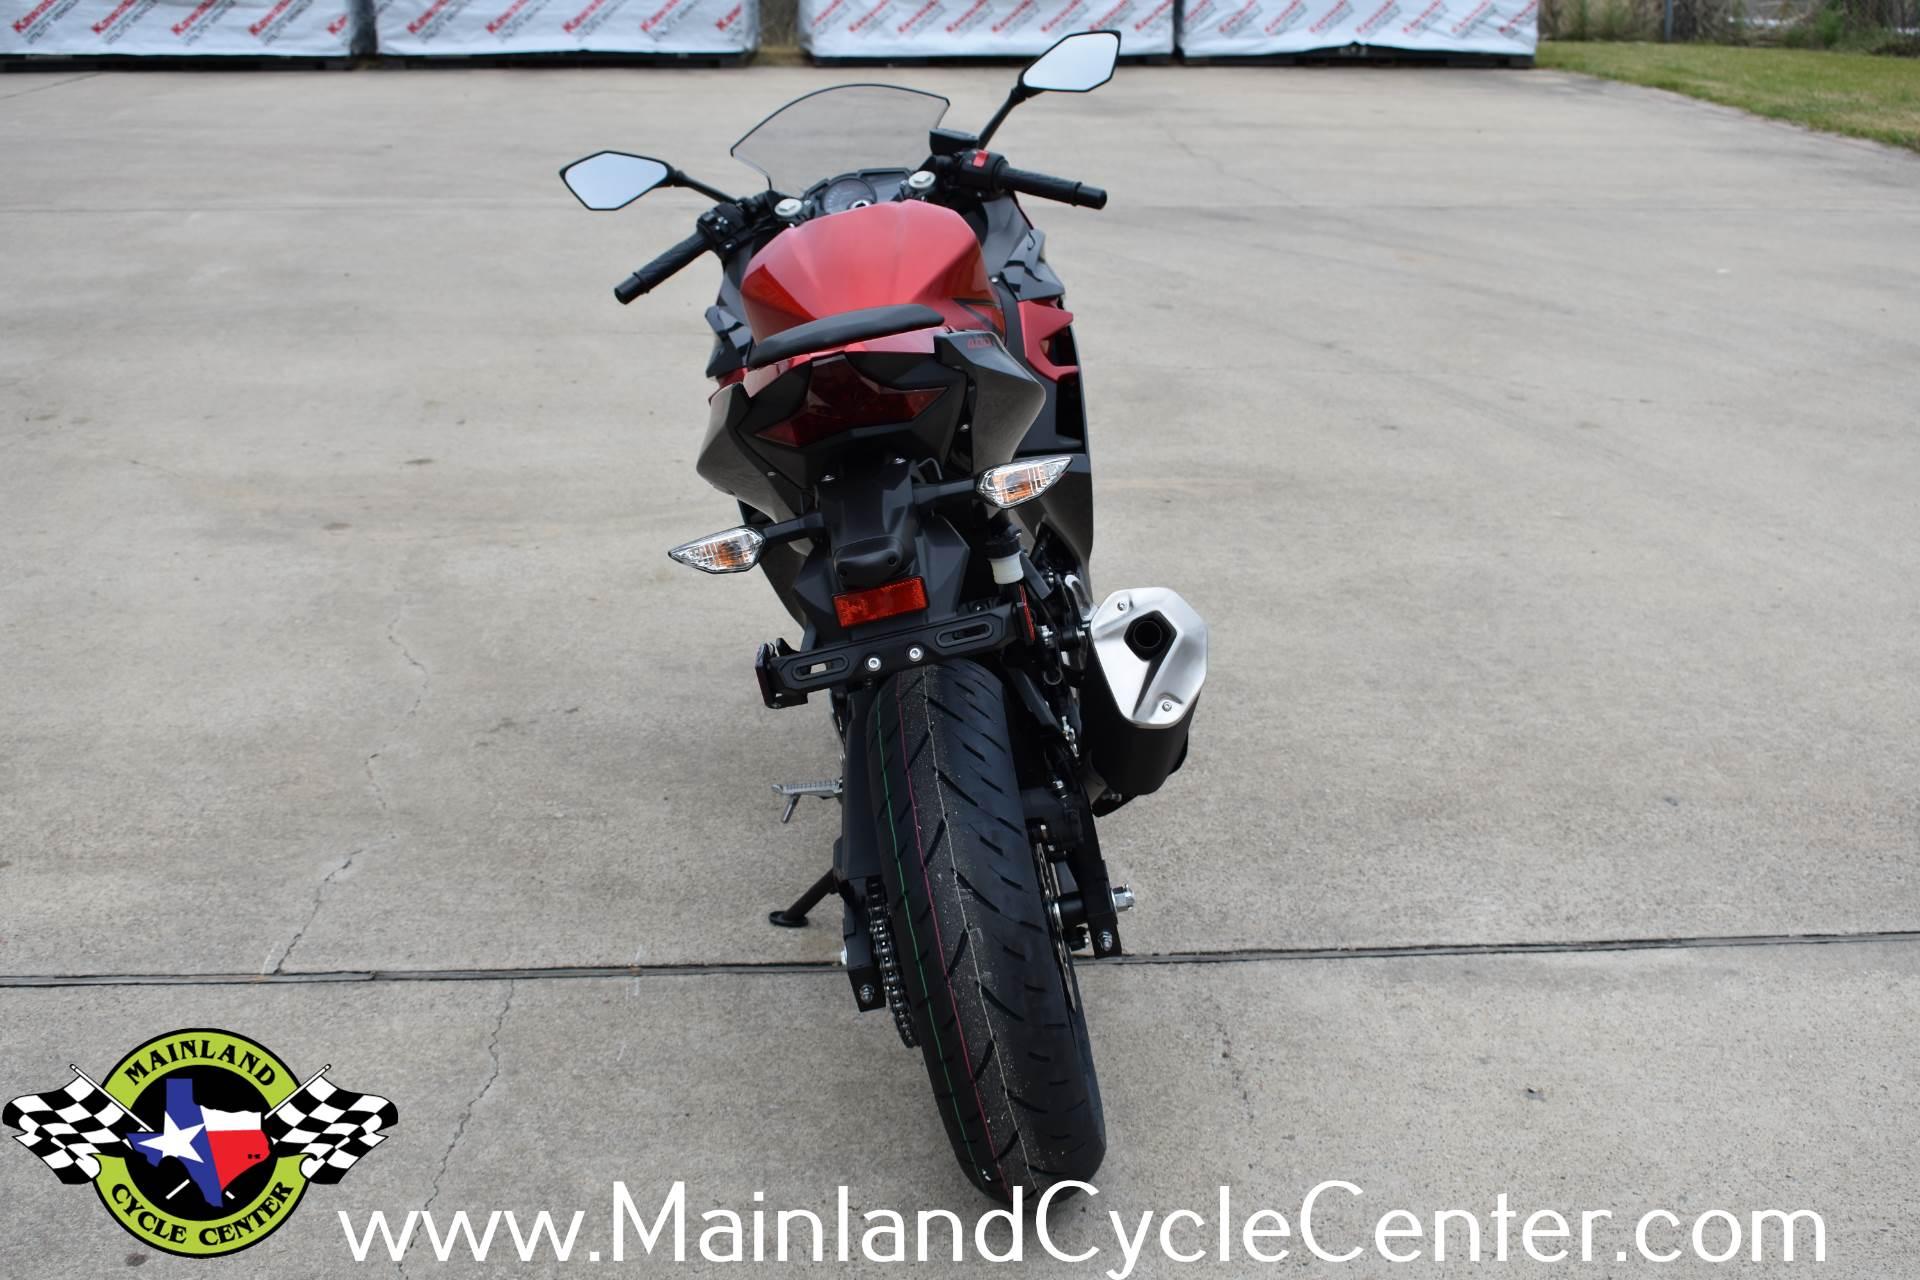 2019 Kawasaki Ninja 400 ABS 8